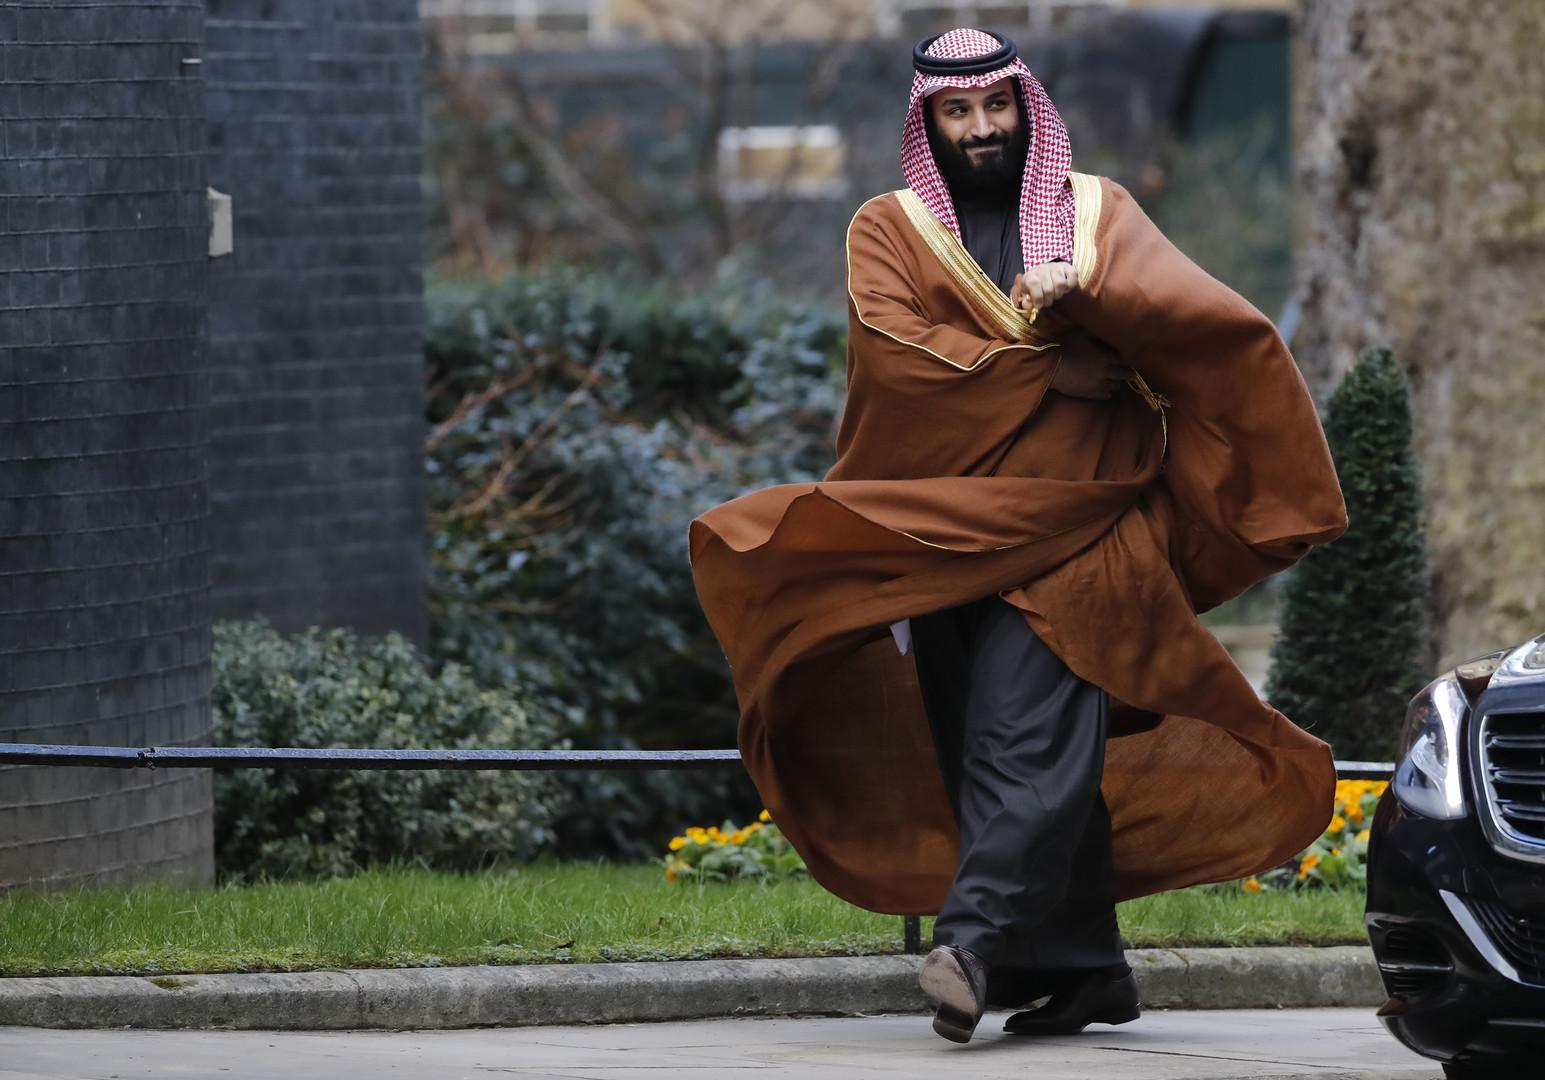 Visite du prince héritier saoudien aux USA : la lune de miel entre Washington et Riyad se confirme